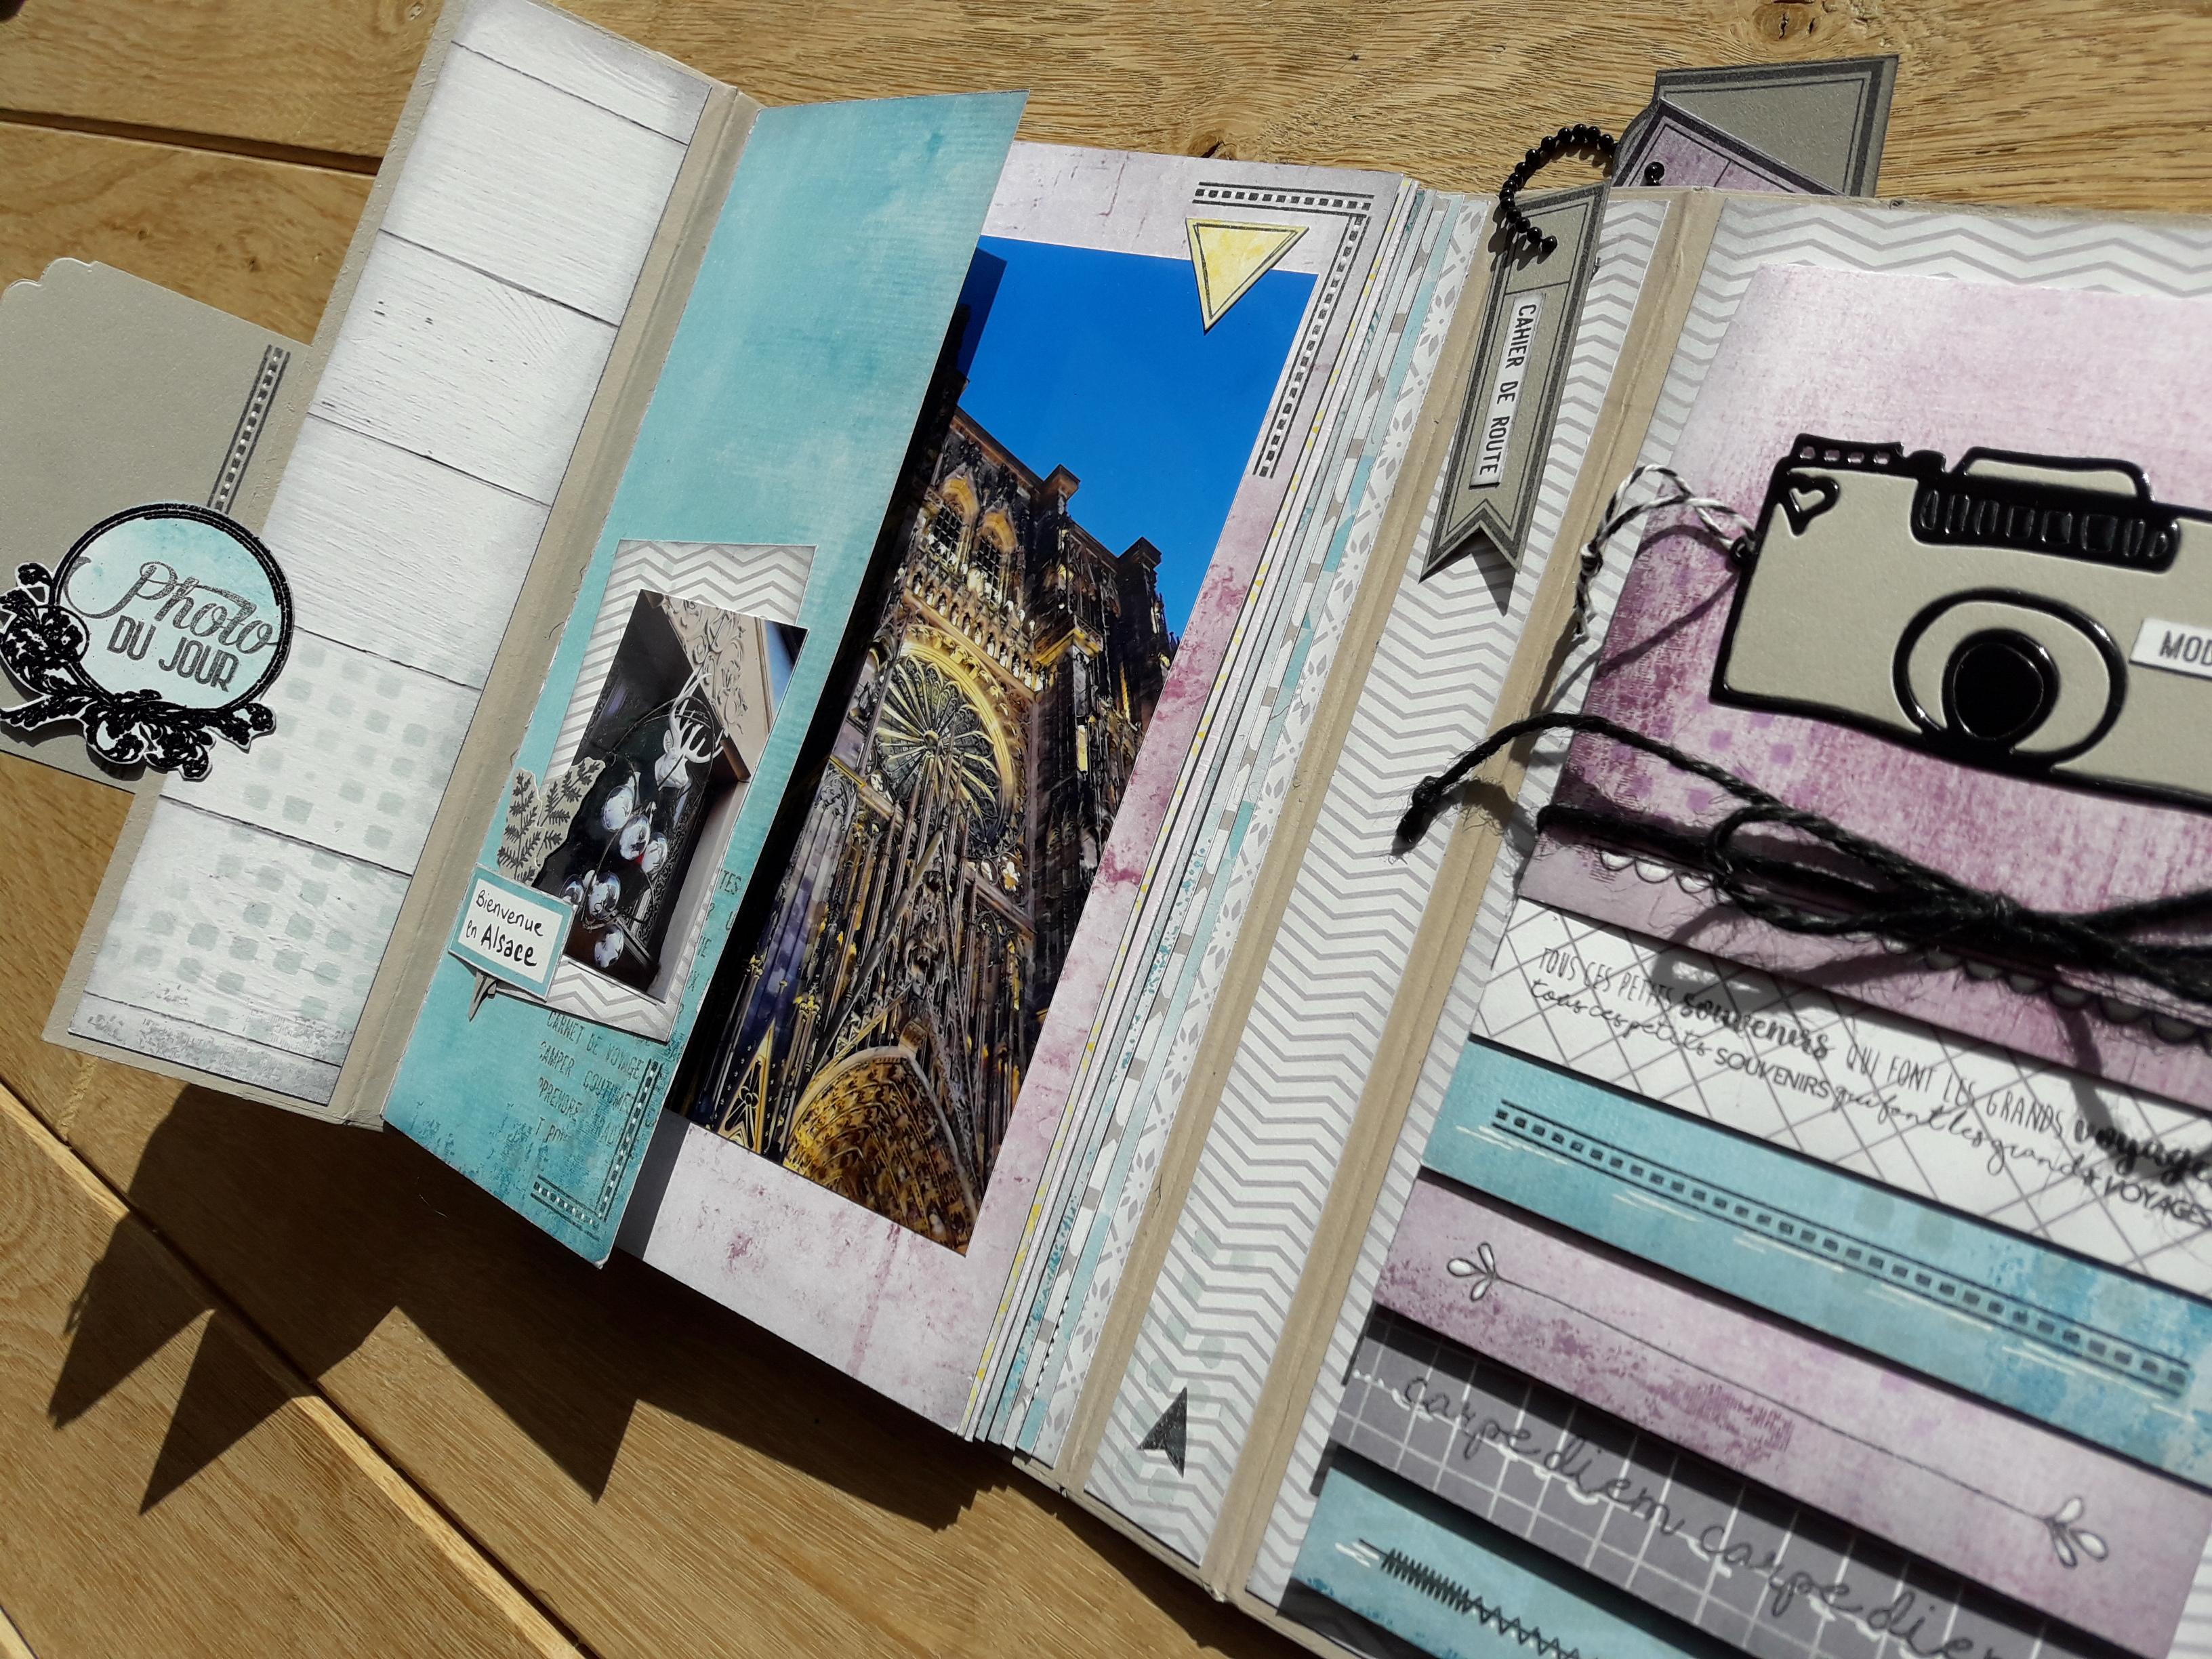 kit mini-album Découvertes Couleurs-en-Folie kits scrap scrapbooking atelier crop encres tampons Scrap-Plaisir Pepsy-Design Basicolor-Hivernal mini-album photos lille marcq-en-baroeul